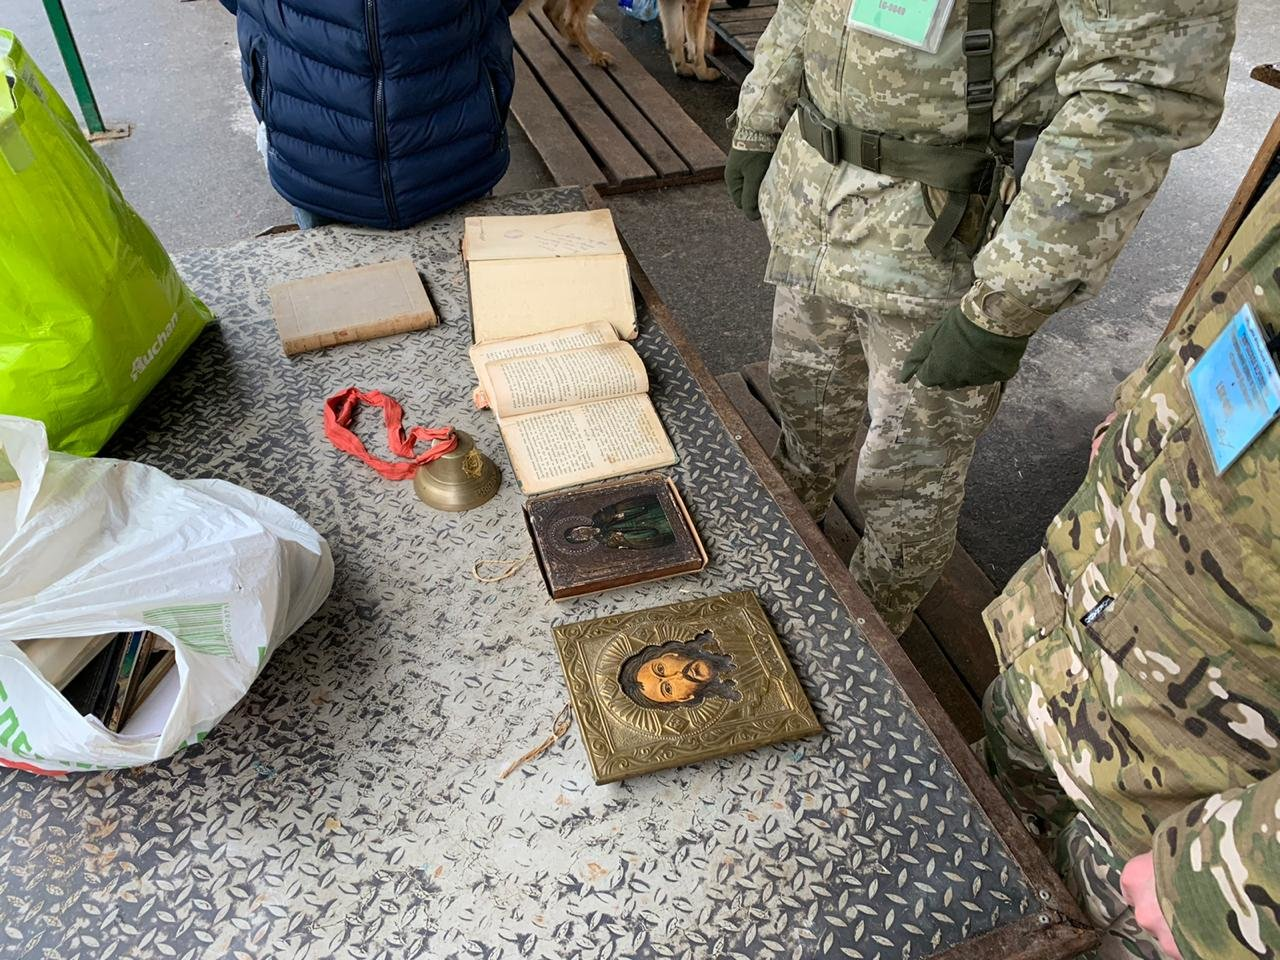 На КПВВ «Станица Луганская» изъяли старинные книги и иконы, которые пытались вывезти в «ЛНР», - ФОТО, фото-2